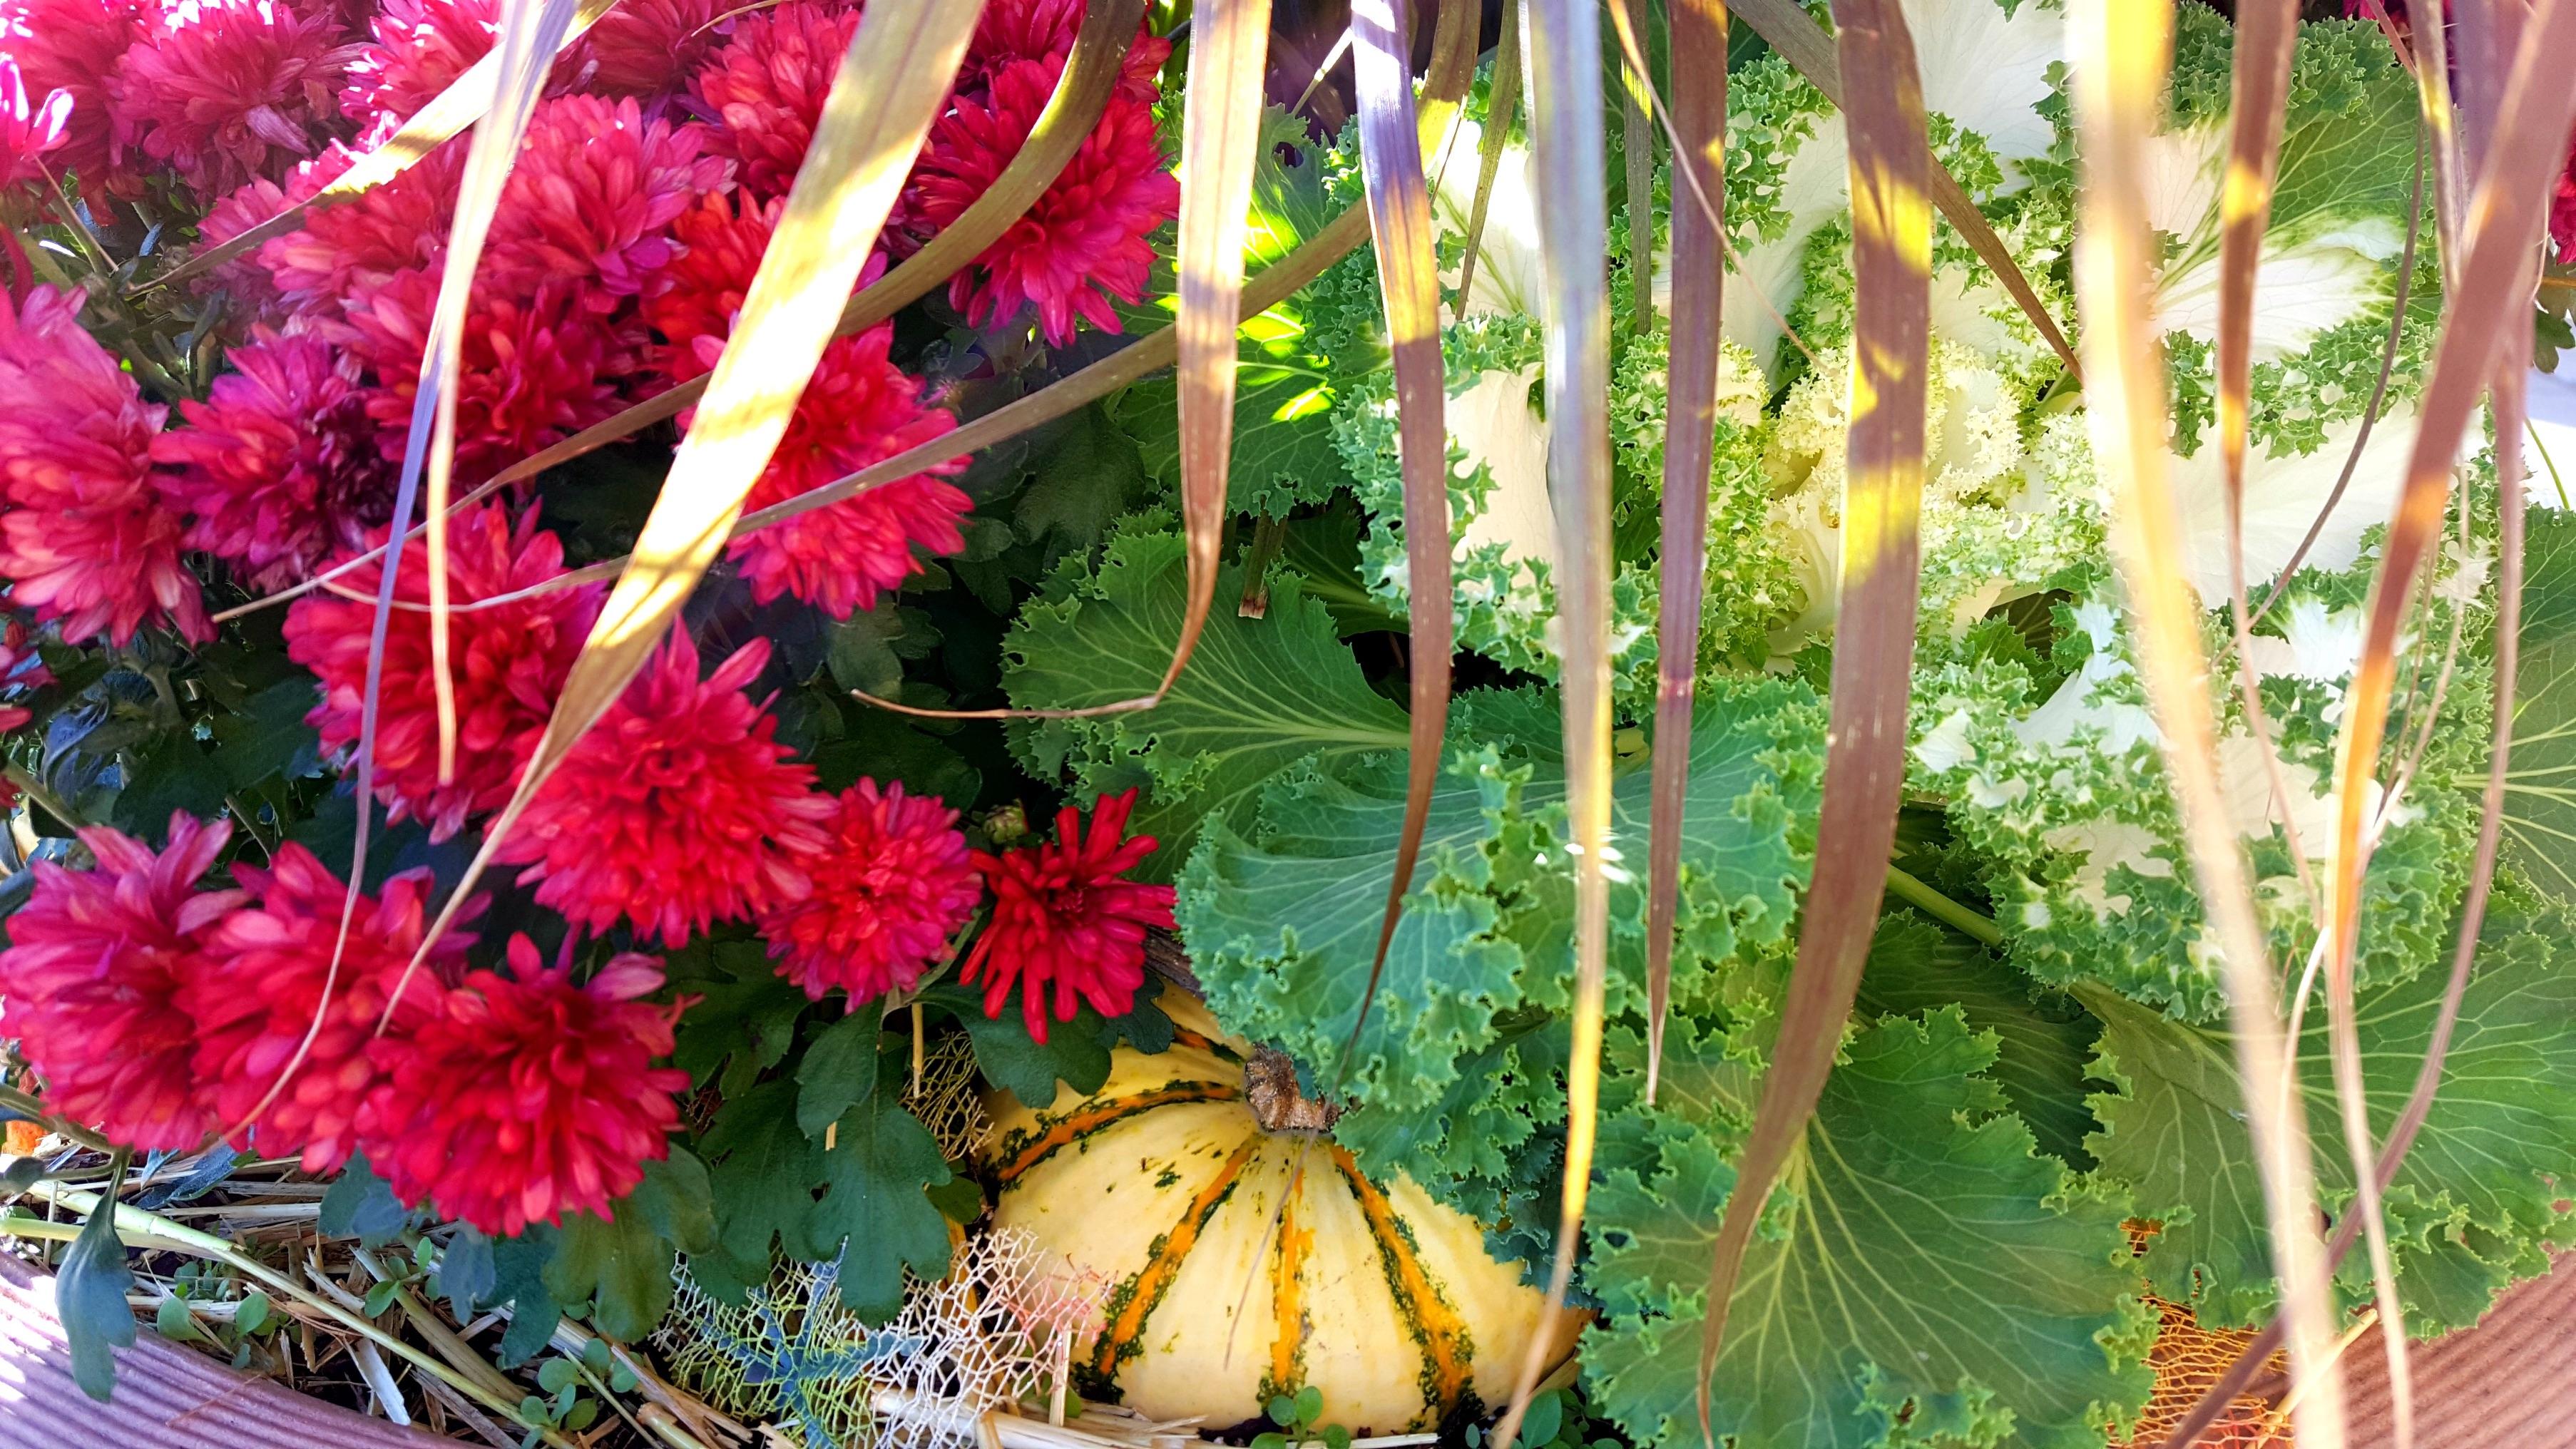 Kostenlose foto : Blatt, Blume, Lebensmittel, produzieren, Gemüse ...